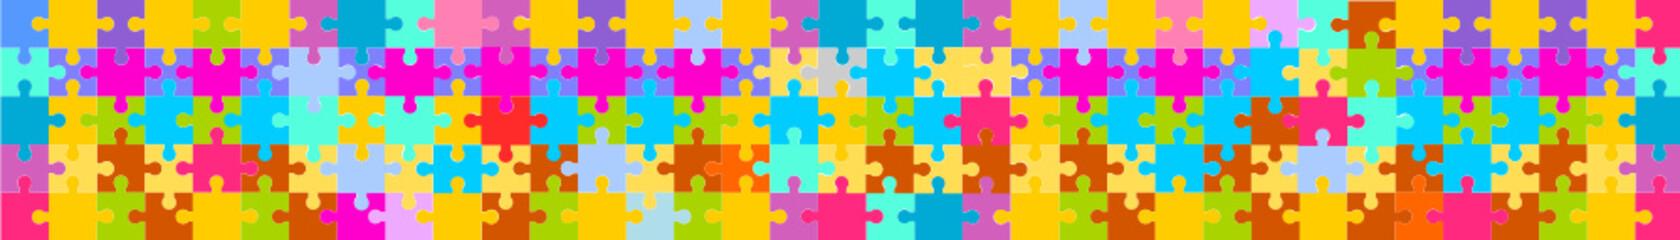 puzzle banner flat hintergrund